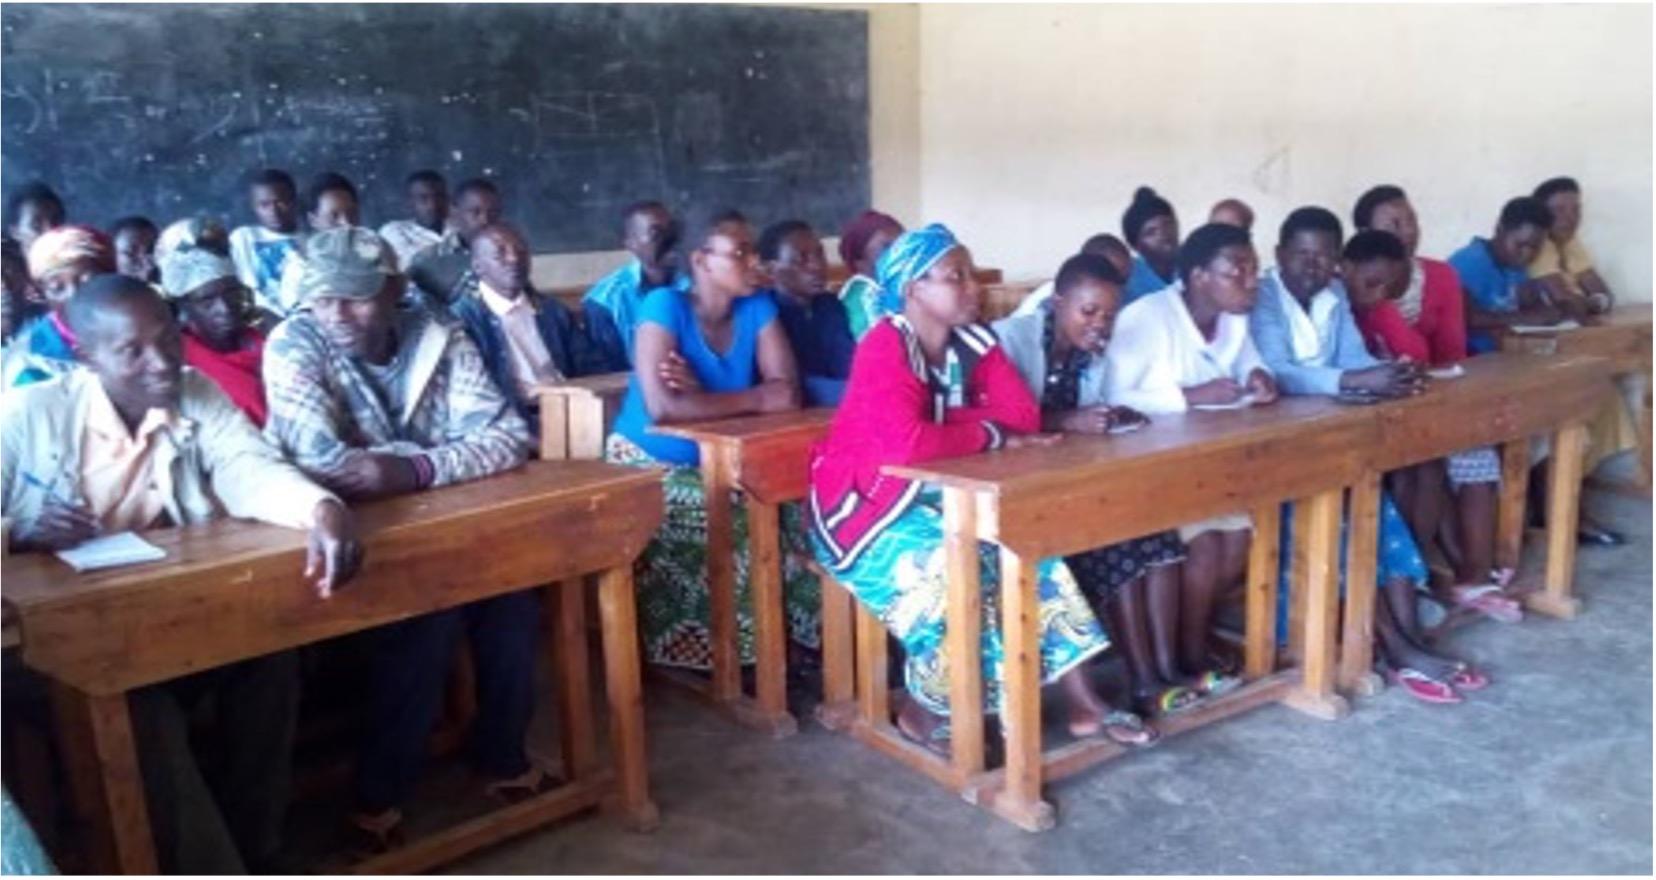 Vehículo para facilitar la movilidad en la reinserción de menores en situación de calle en la ciudad de Kinshasa